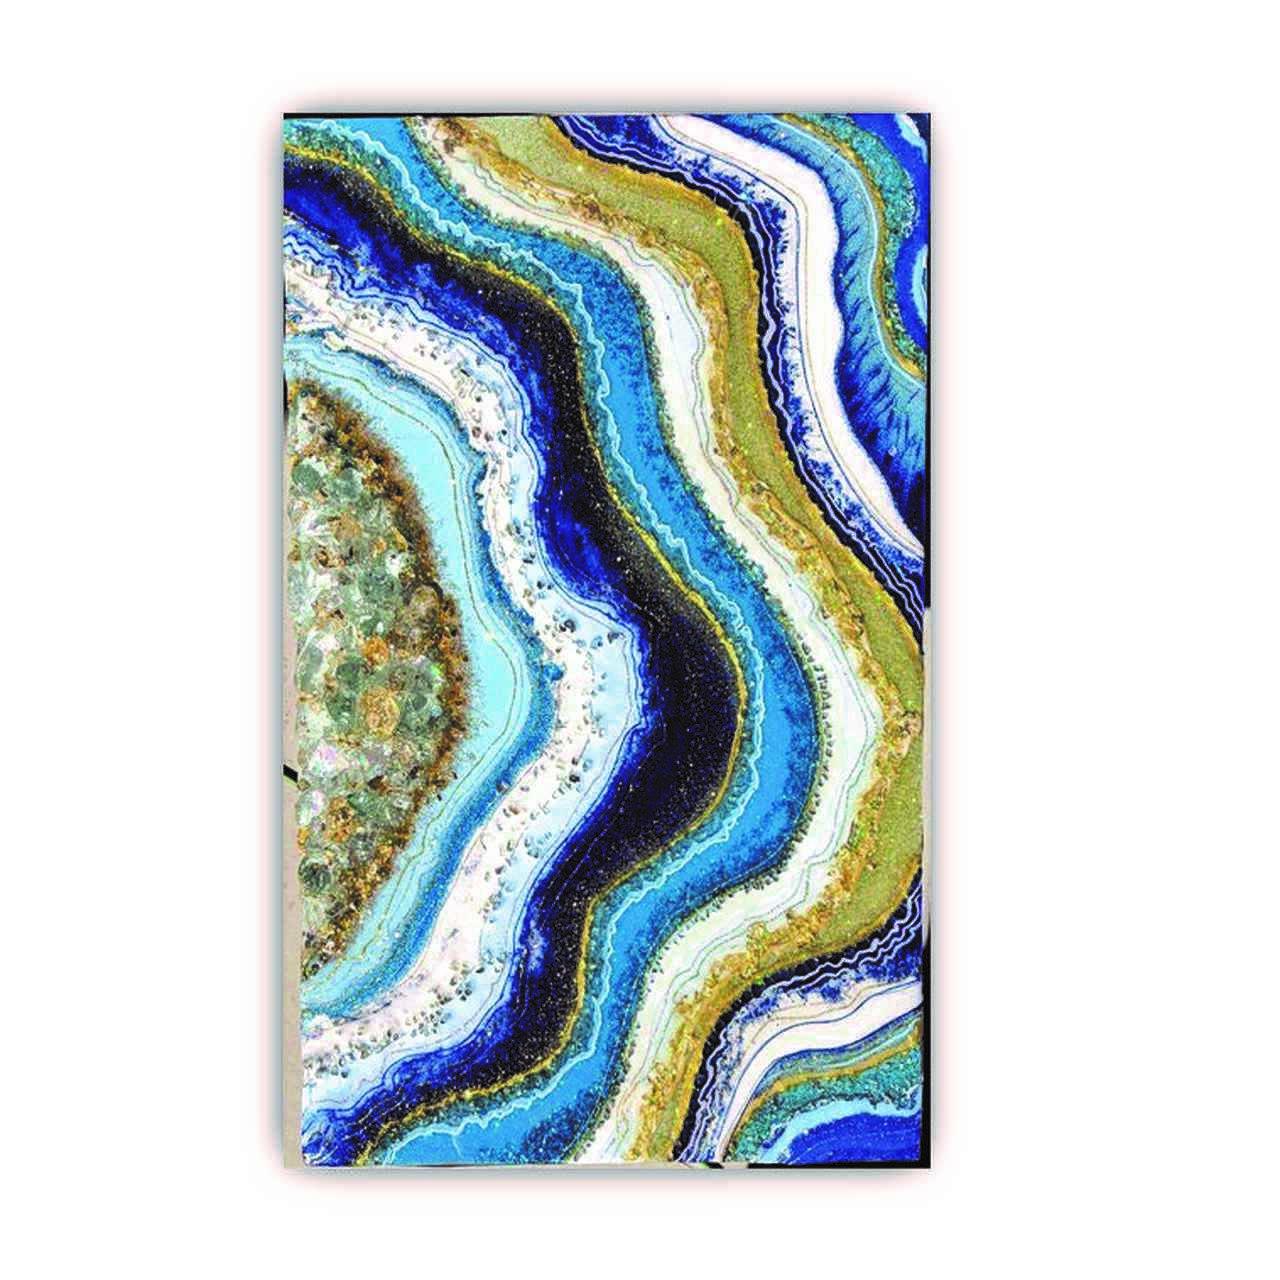 Quadro Abstrato Oceano Linhas em Ouro - Tela Única